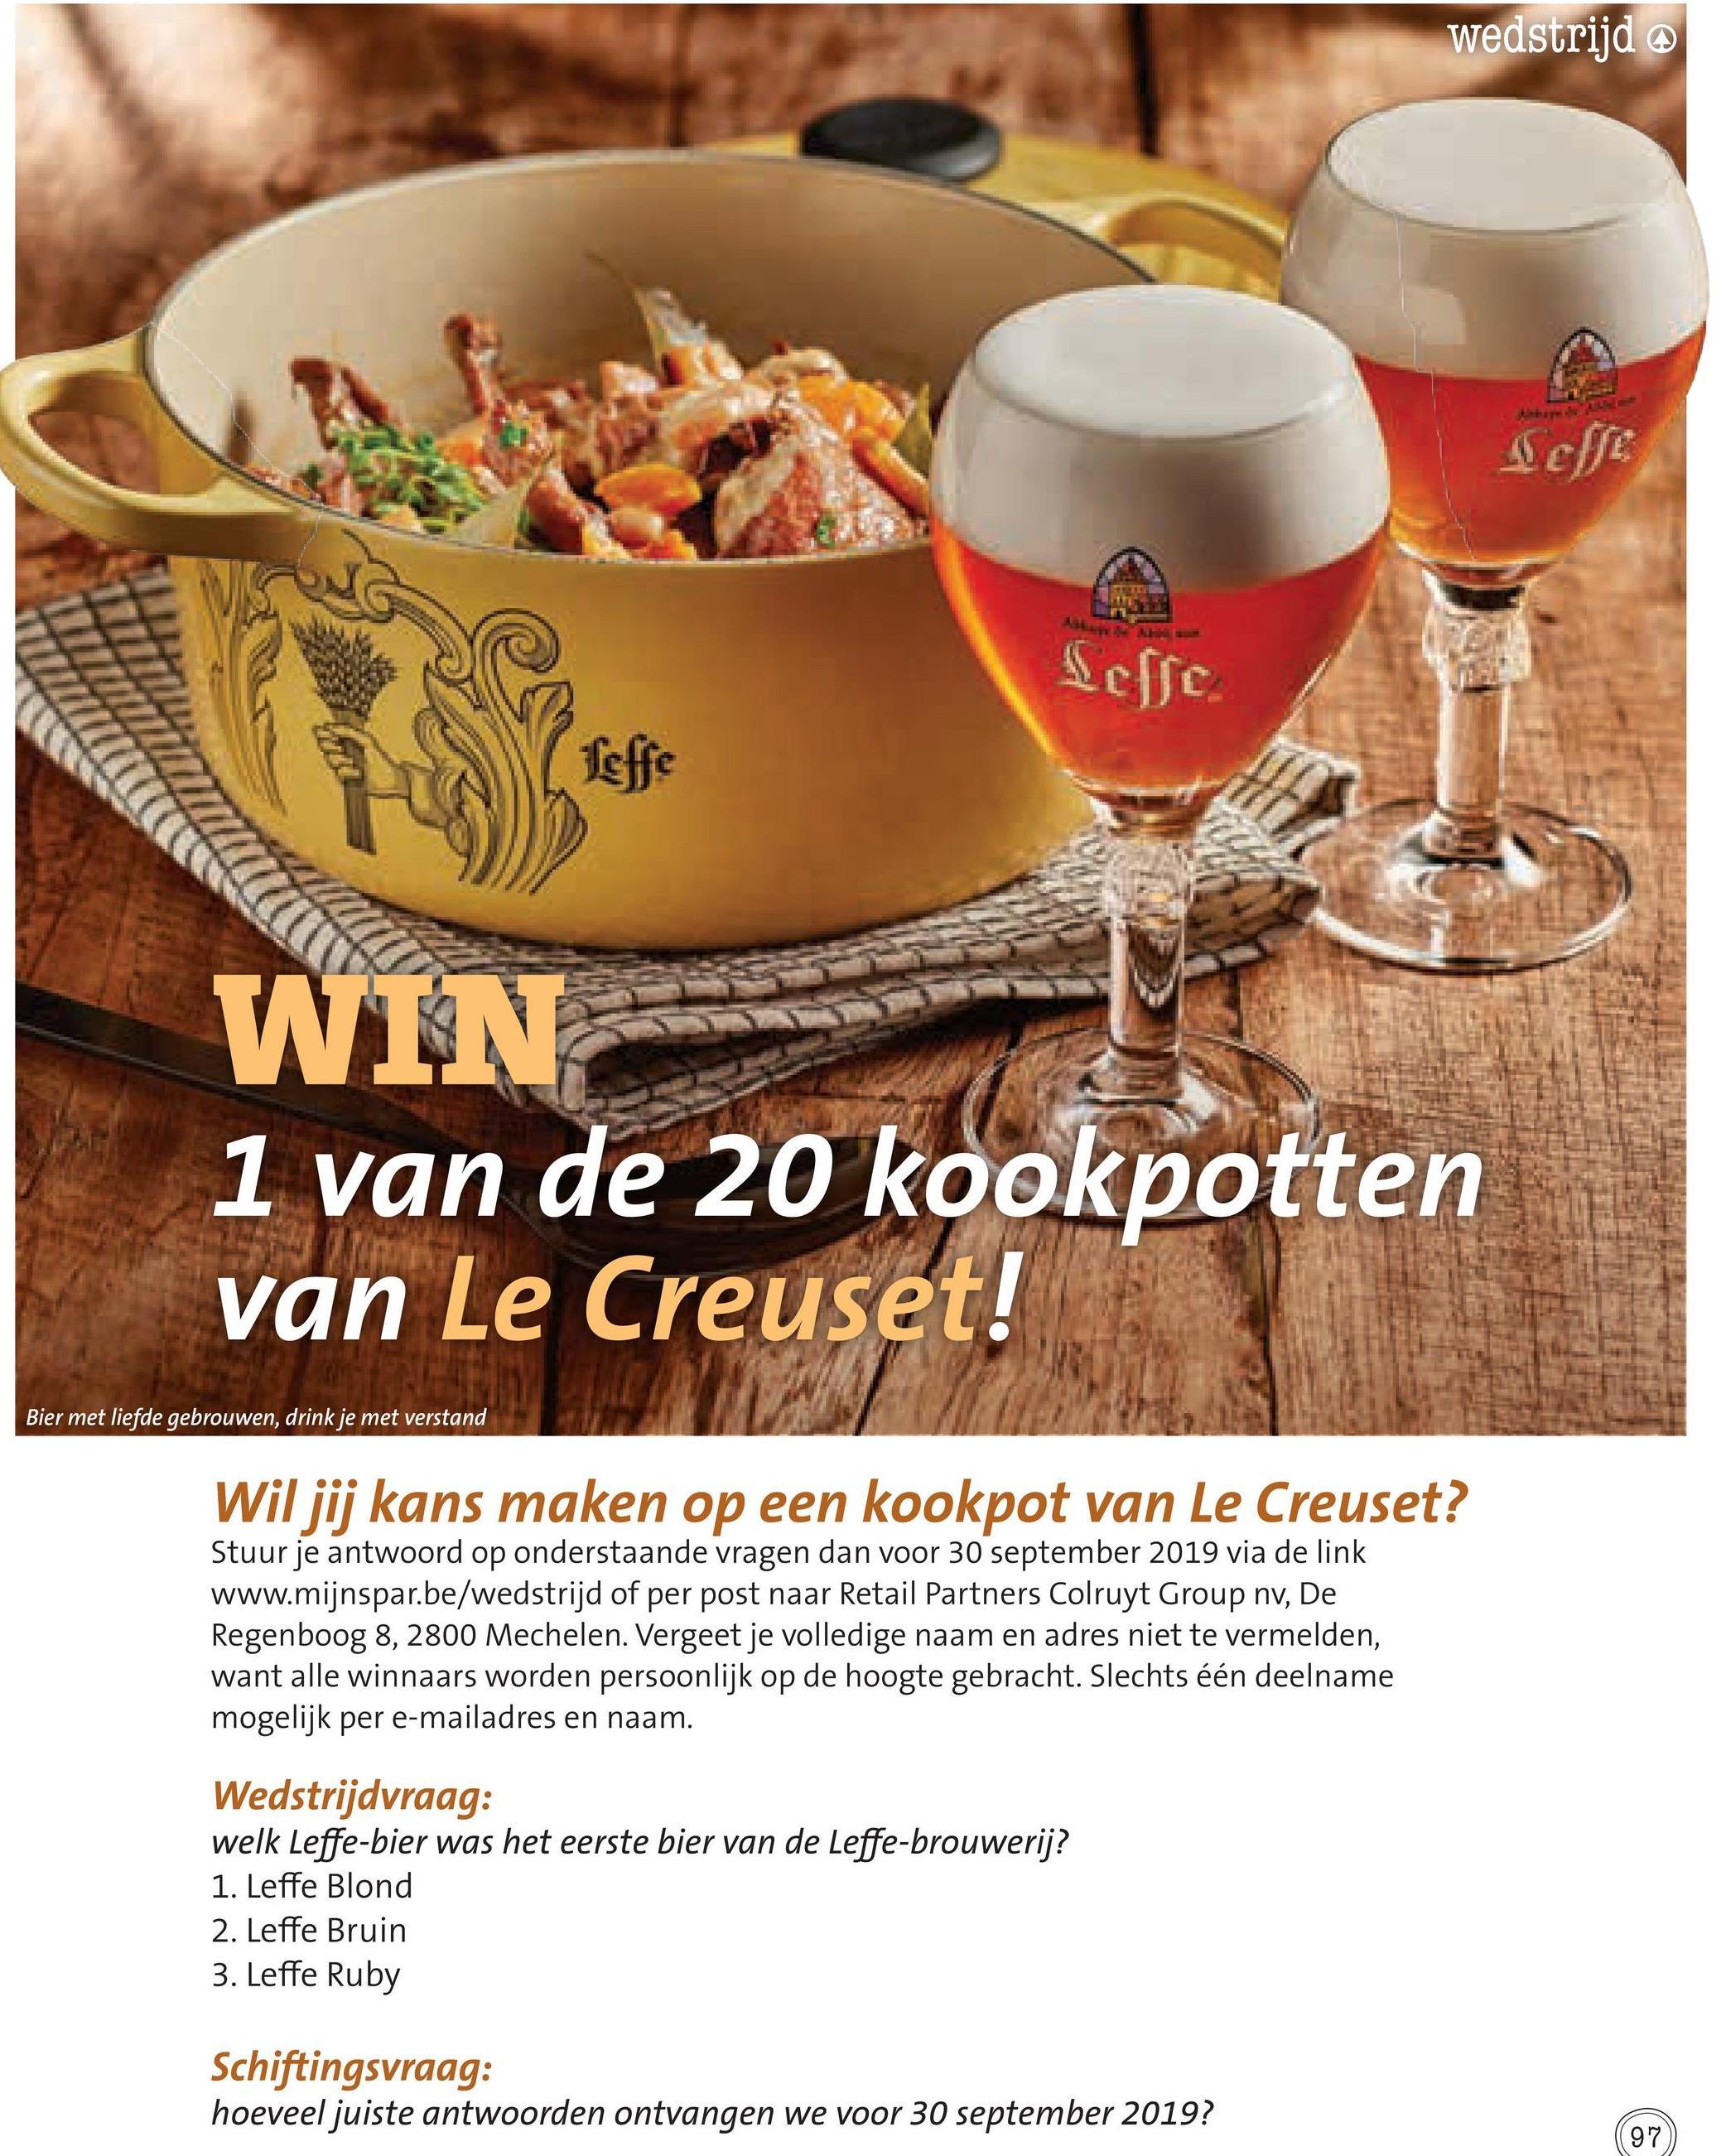 wedstrijd @ effe Sesse LI LLLLLLLLIITTIITITIU WIN 1 van de 20 kookpotten van Le Creuset! Bier met liefde gebrouwen, drink je met verstand Wil jij kans maken op een kookpot van Le Creuset? Stuur je antwoord op onderstaande vragen dan voor 30 september 2019 via de link www.mijnspar.be/wedstrijd of per post naar Retail Partners Colruyt Group nv, De Regenboog 8, 2800 Mechelen. Vergeet je volledige naam en adres niet te vermelden, want alle winnaars worden persoonlijk op de hoogte gebracht. Slechts één deelname mogelijk per e-mailadres en naam. Wedstrijdvraag: welk Leffe-bier was het eerste bier van de Leffe-brouwerij? 1. Leffe Blond 2. Leffe Bruin 3. Leffe Ruby Schiftingsvraag: hoeveel juiste antwoorden ontvangen we voor 30 september 2019?